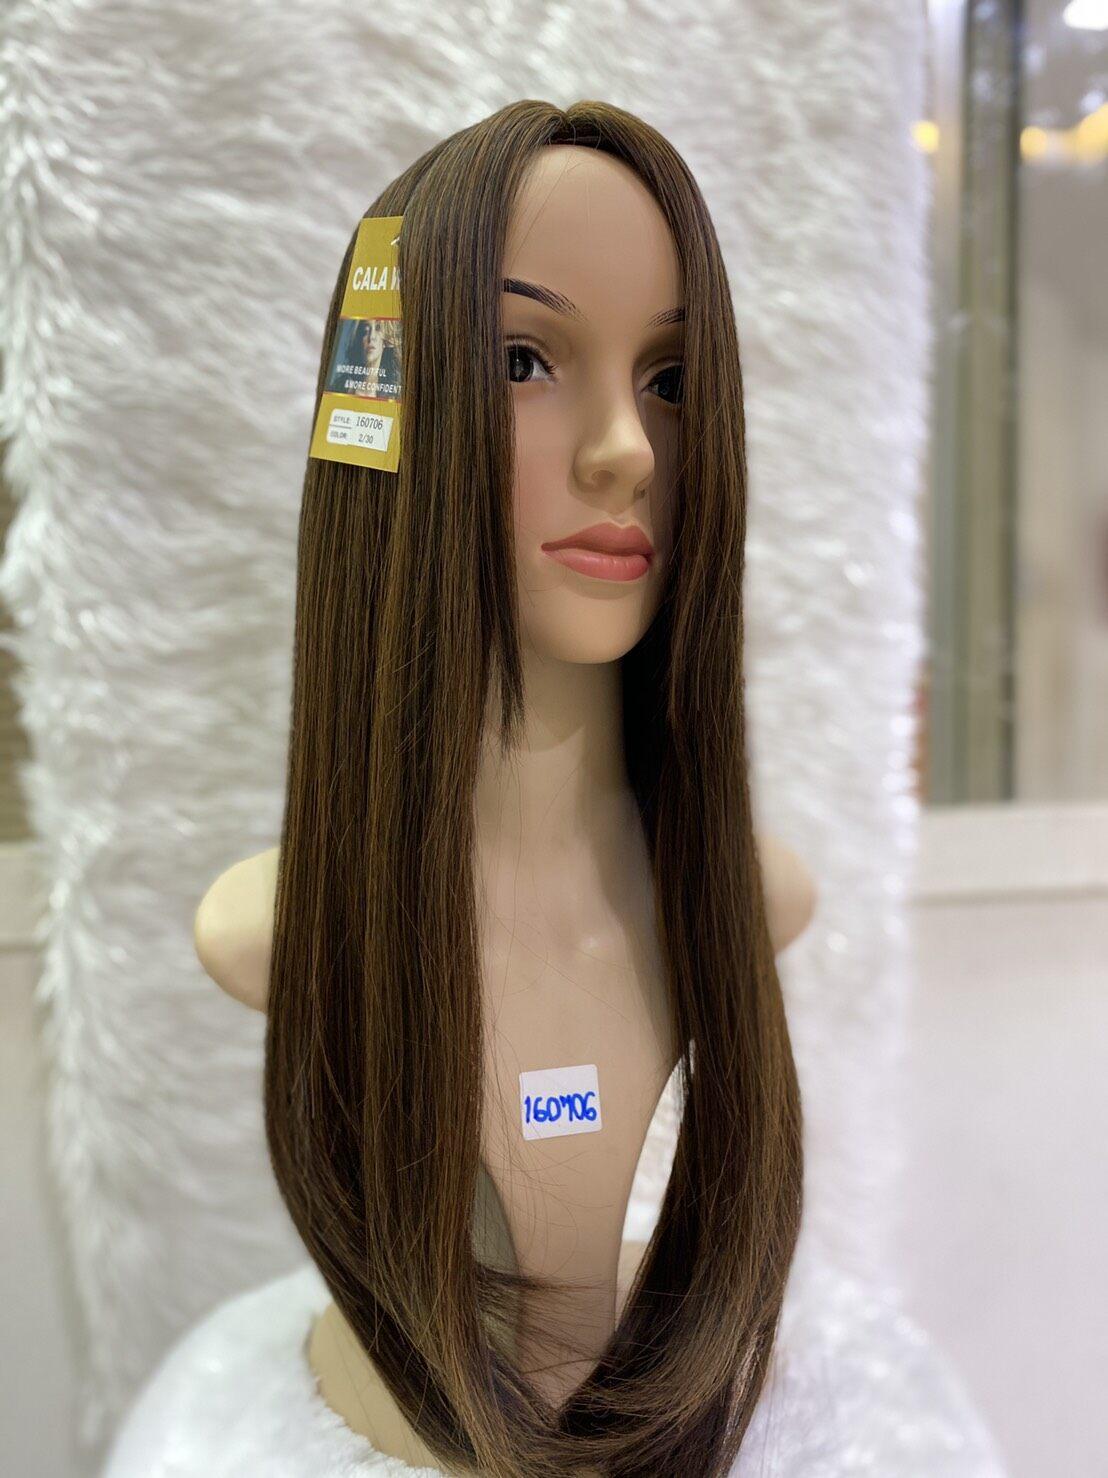 ร้านฟ้าใสวิกผม Cala wigs แผ่นปิดผมบางยาวเสกกลาง 160706 ดูเป็นธรรมชาติ